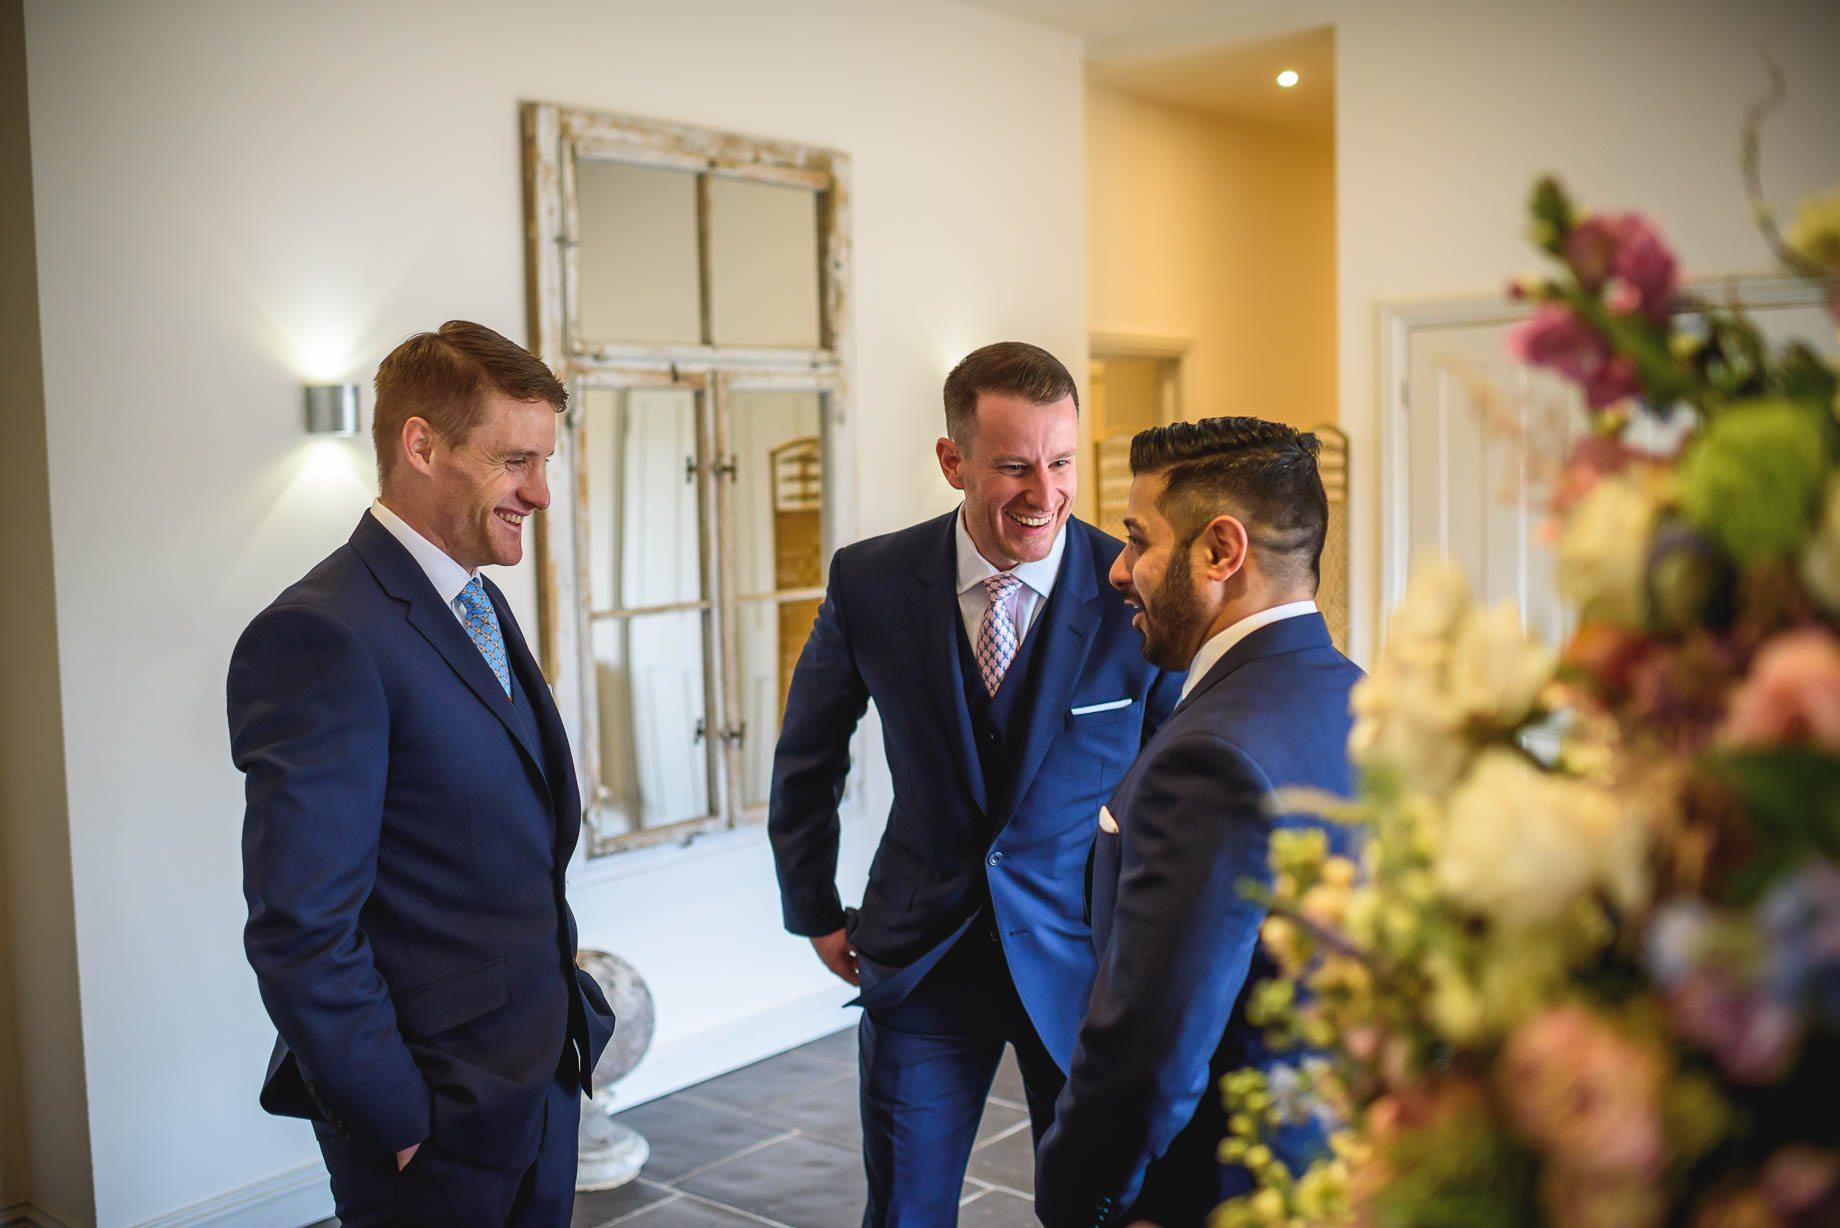 Millbridge Court Wedding Photography - Lisa and Daniel (38 of 173)